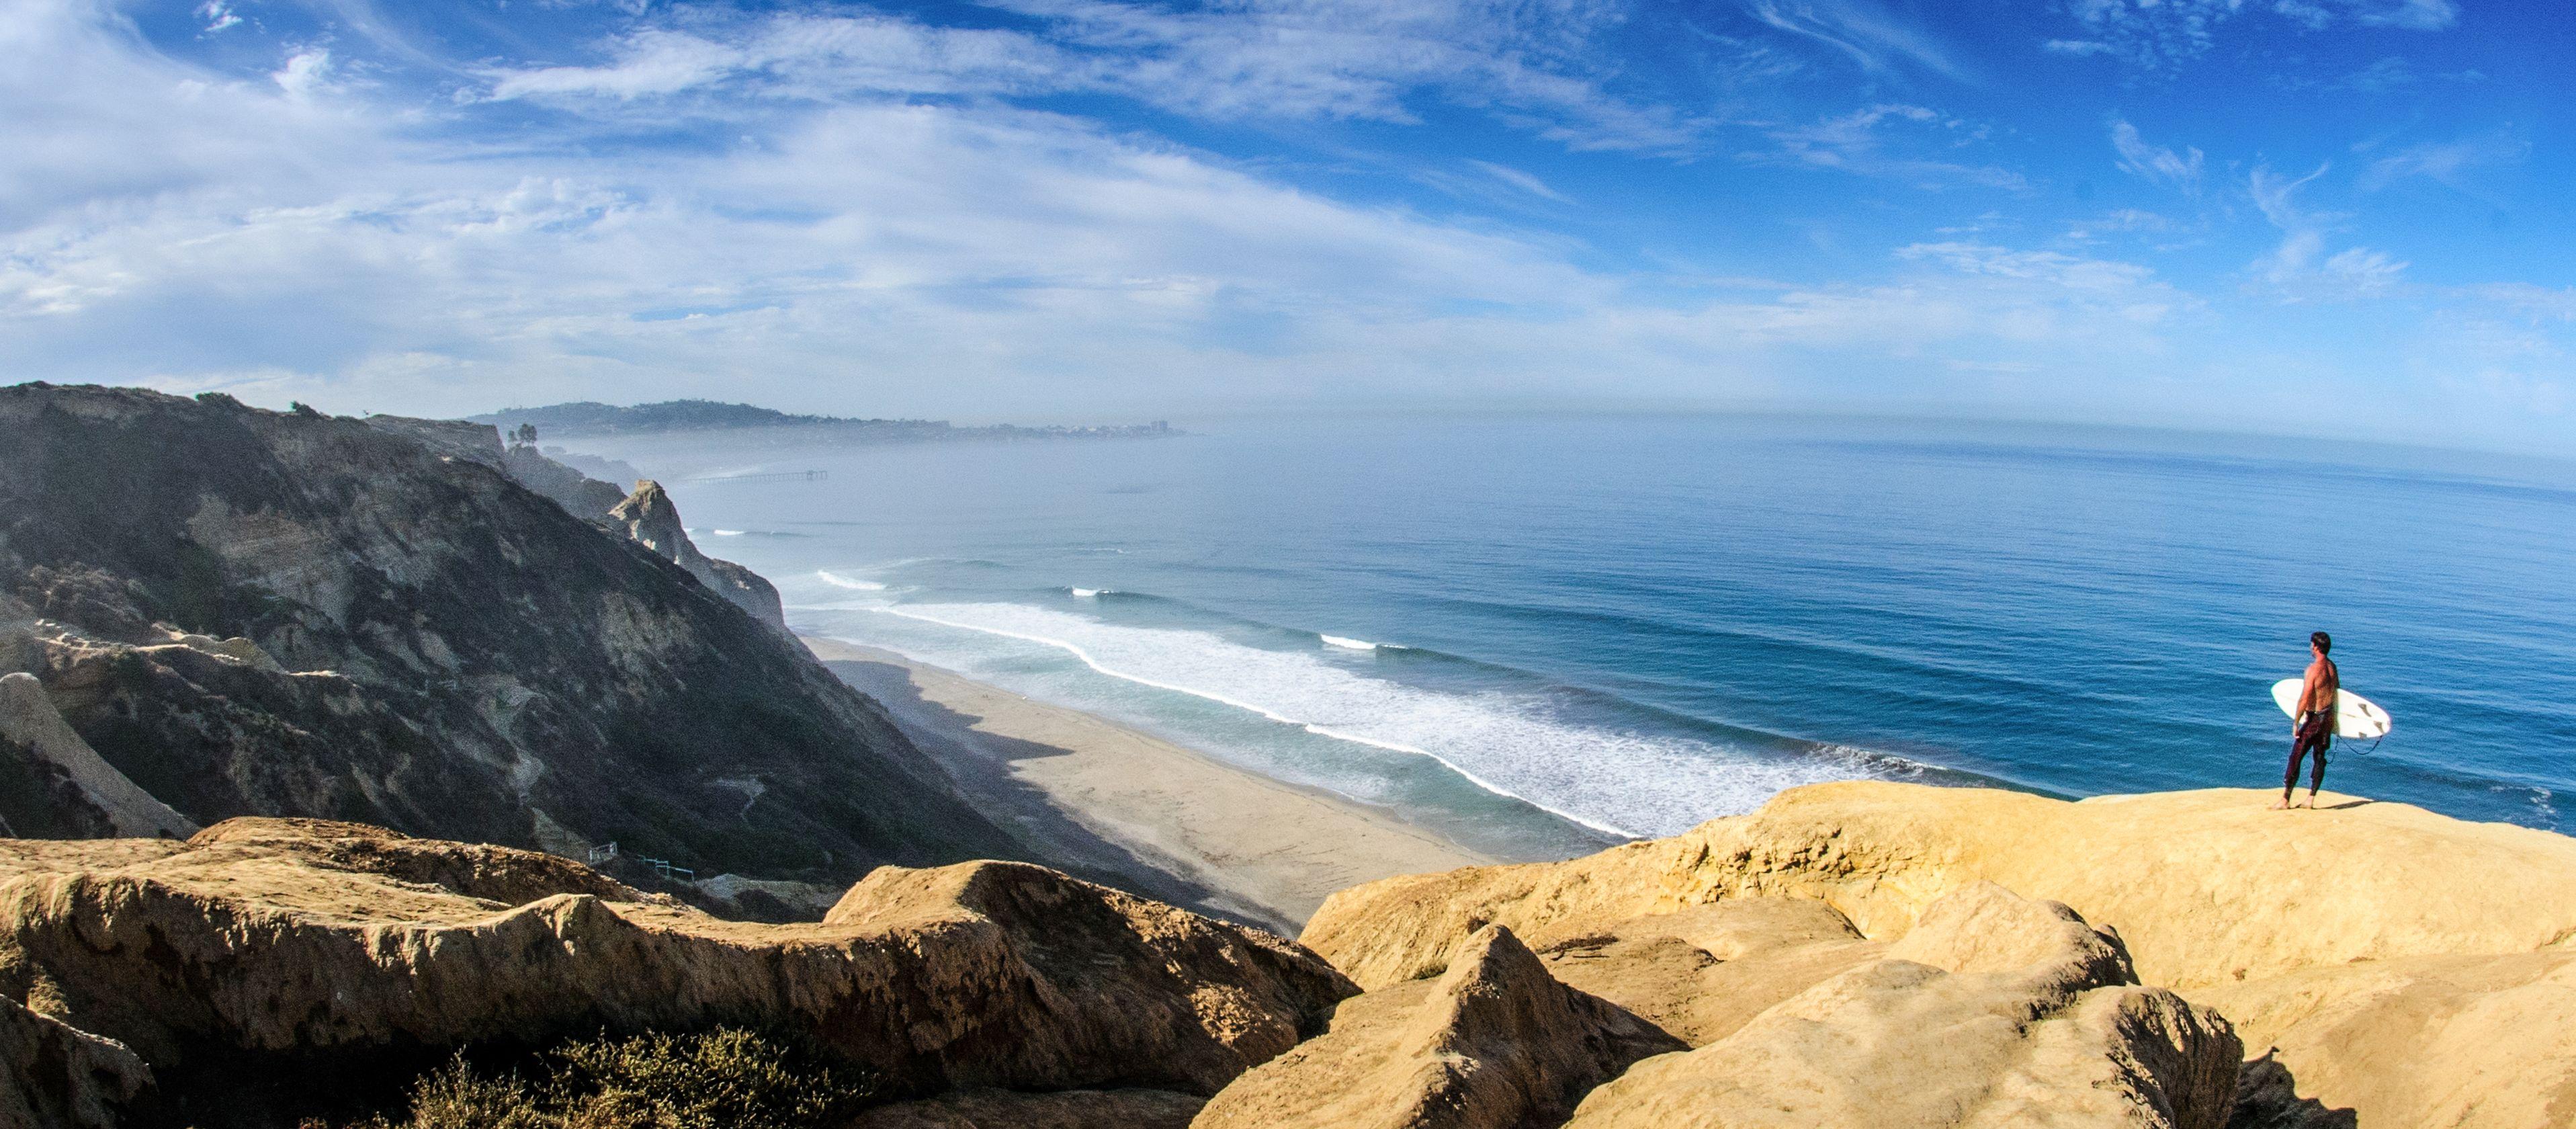 Ein Surfer beobachtet die Wellen am Strand von San Diego